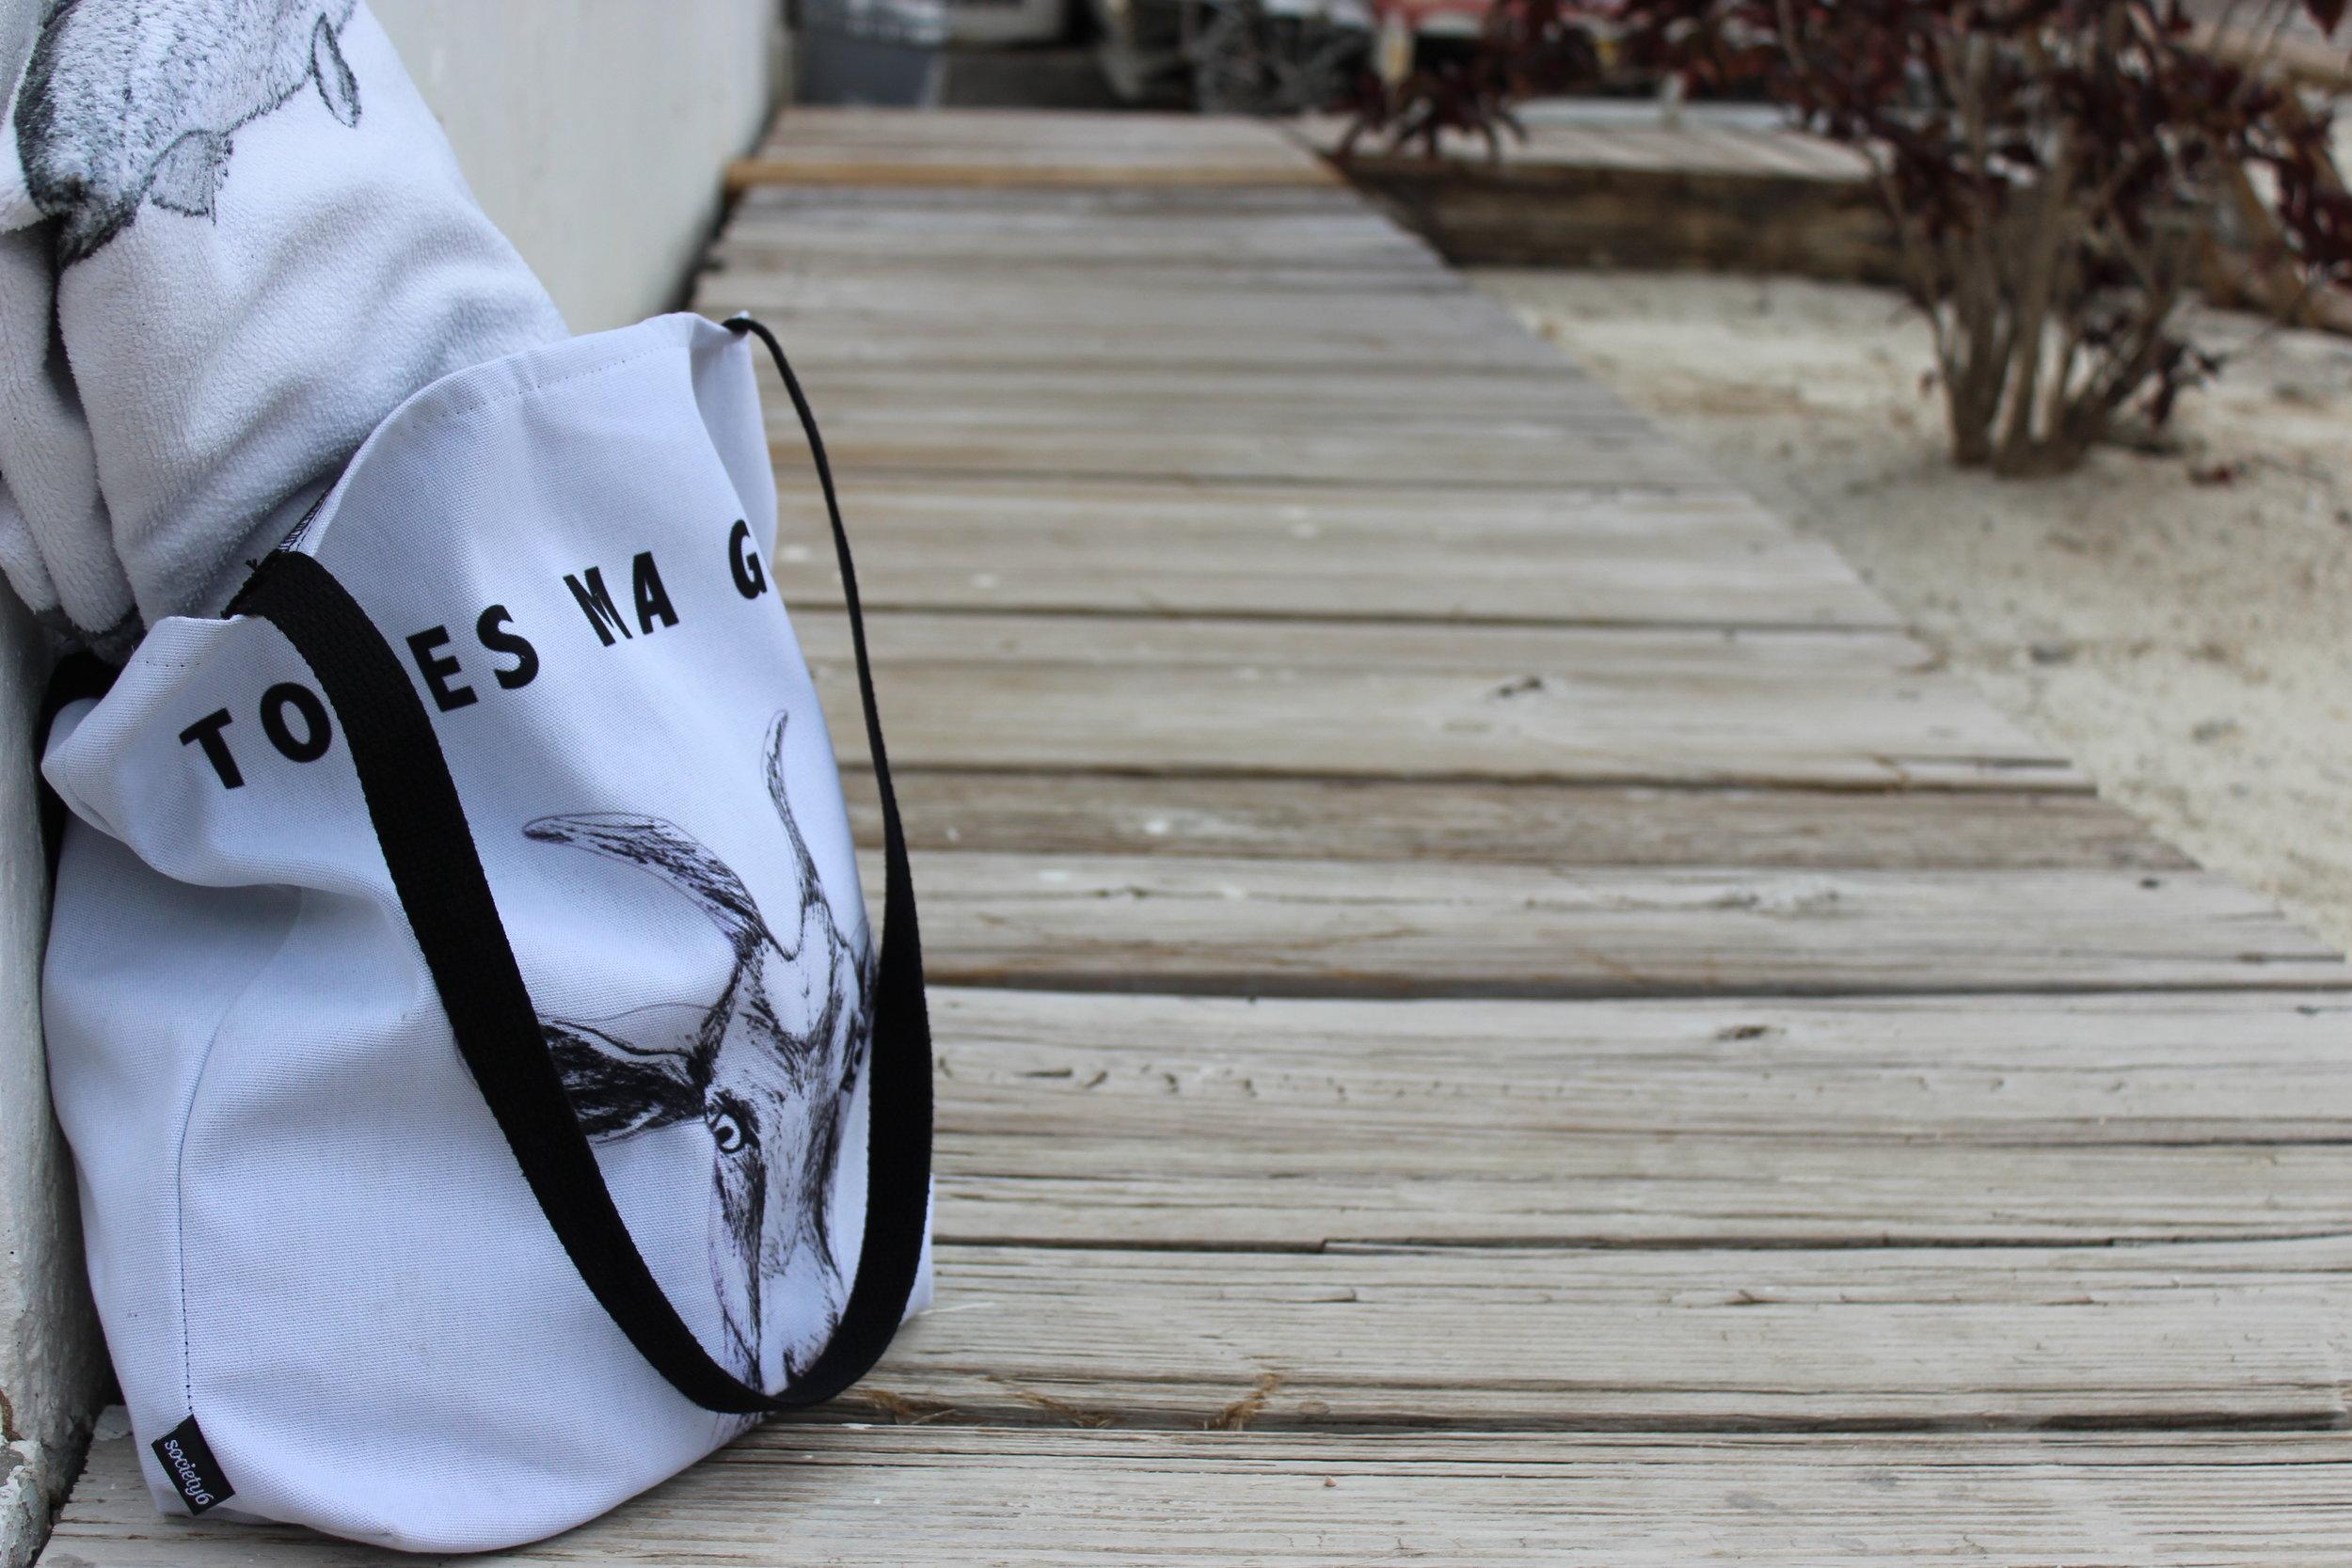 Totes Ma Goats Bag